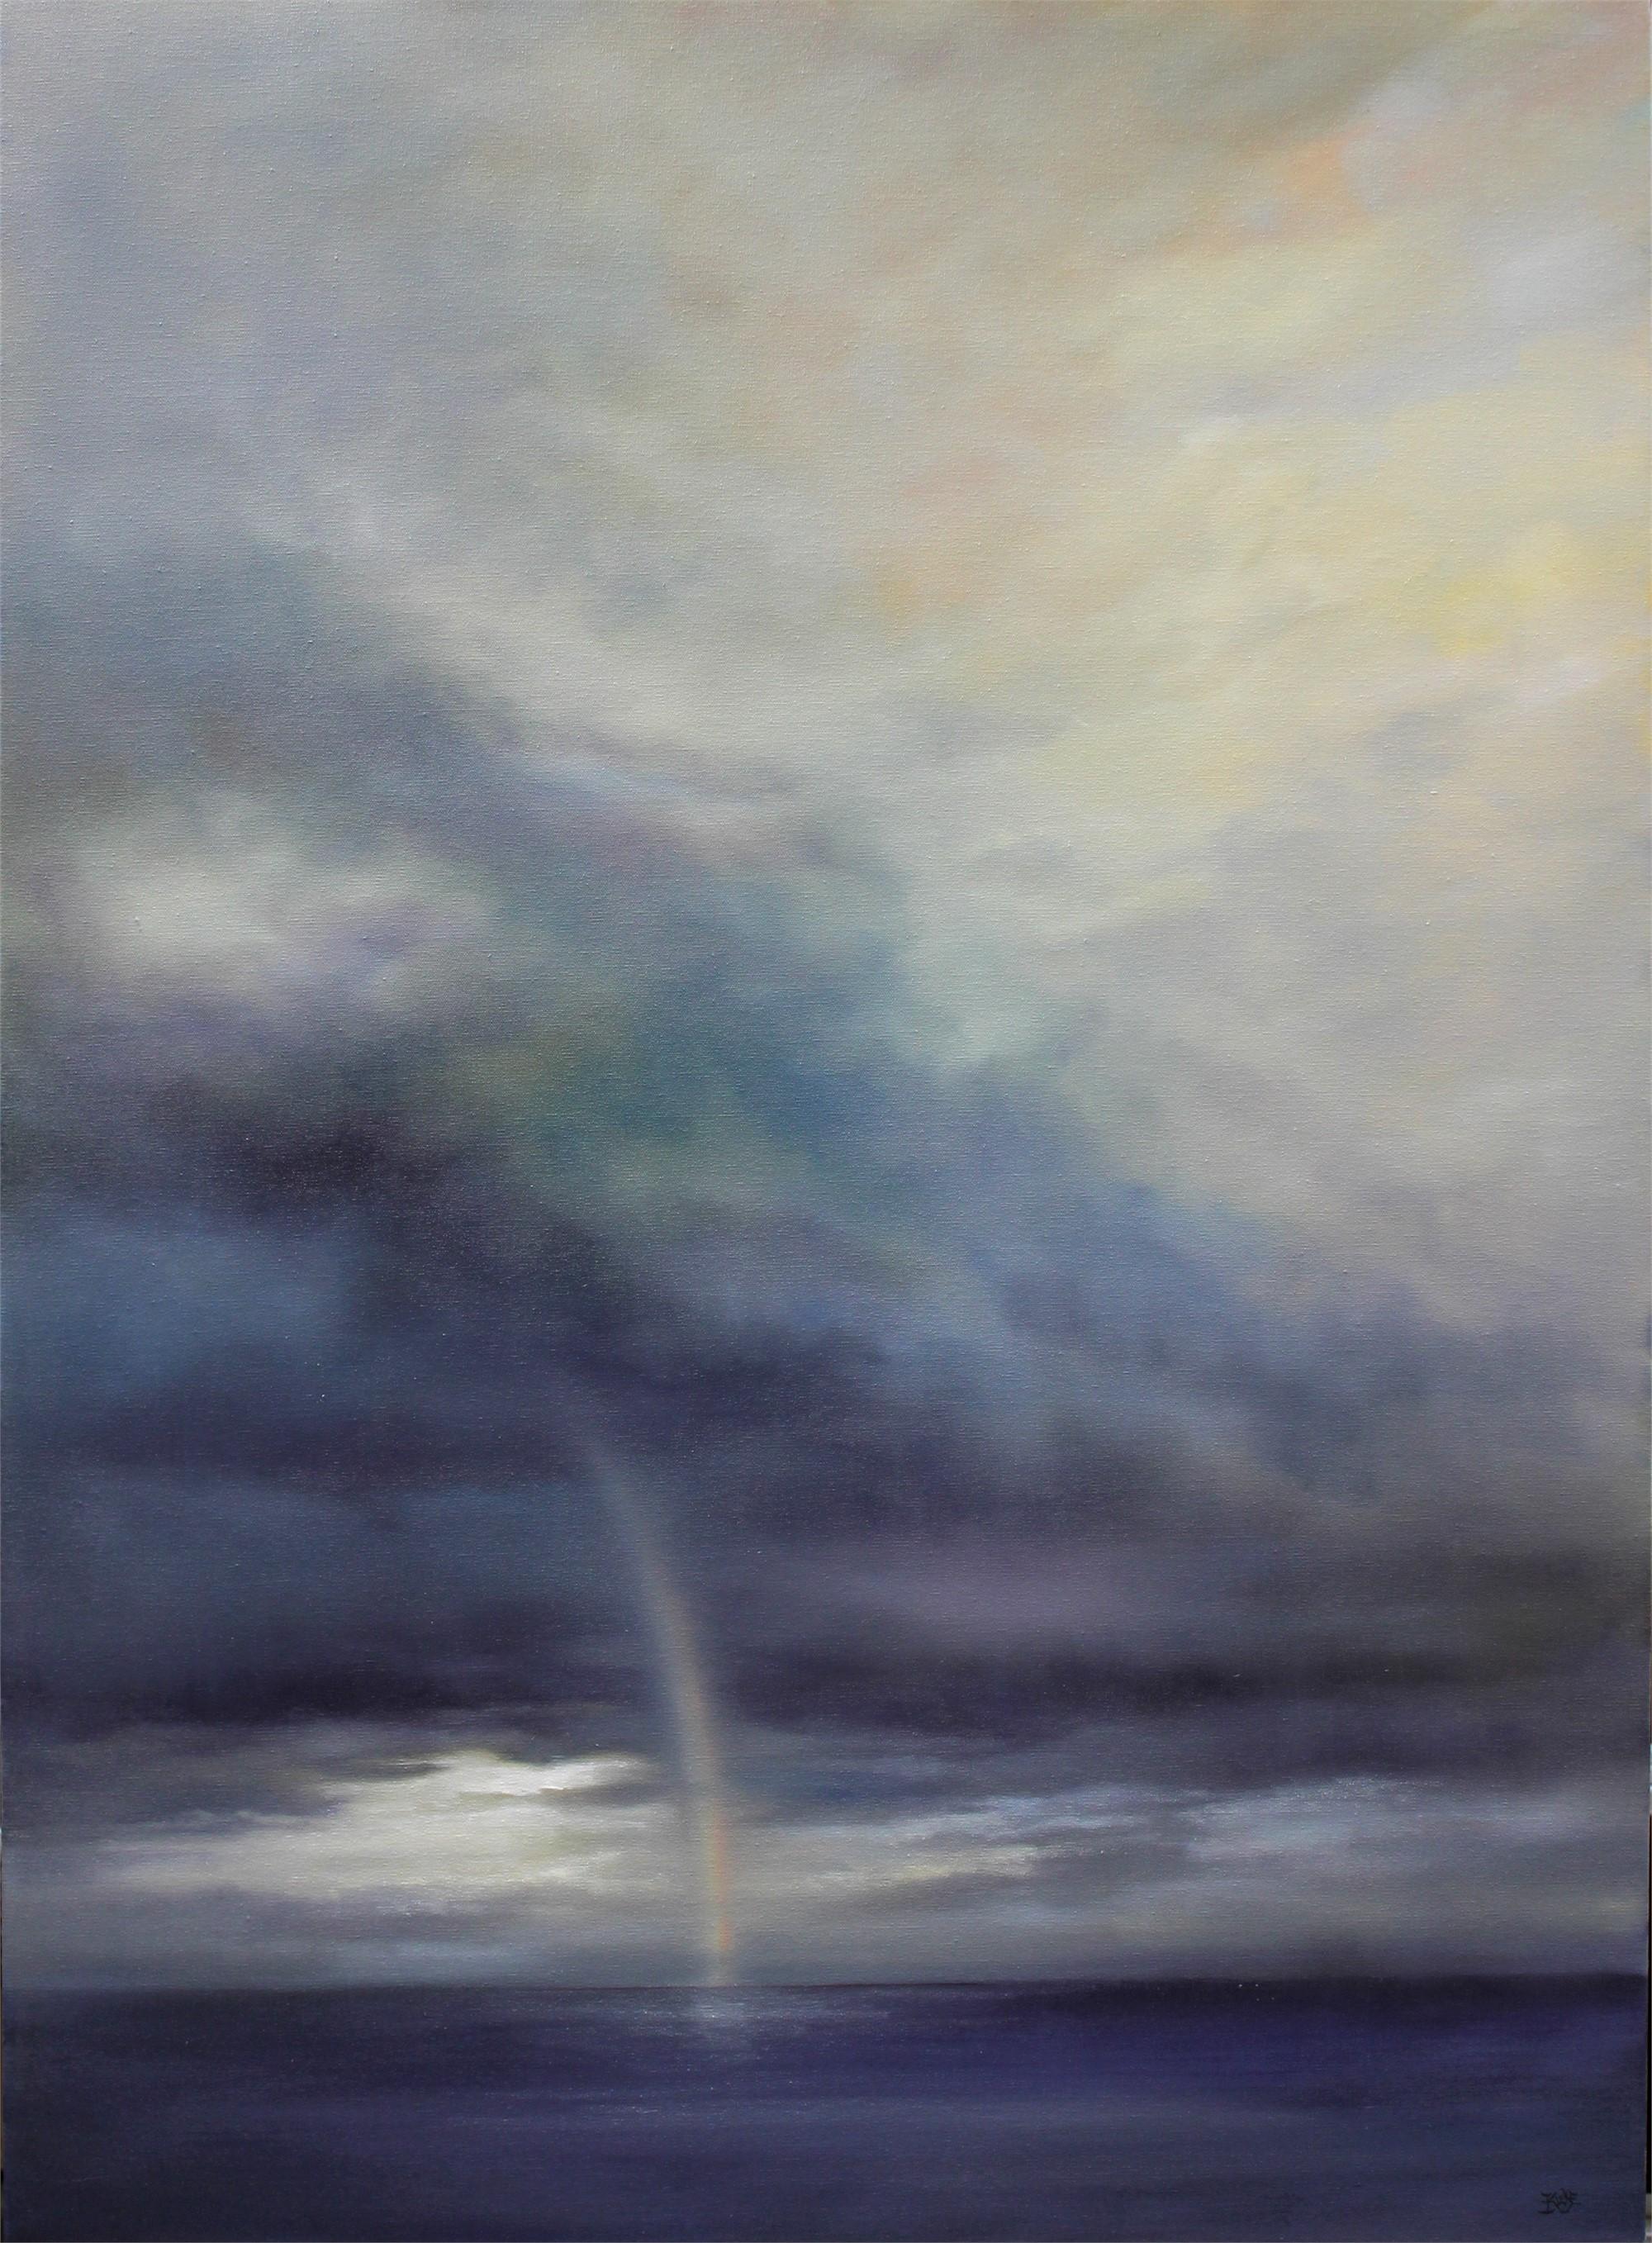 Hope by Cheryl Kline